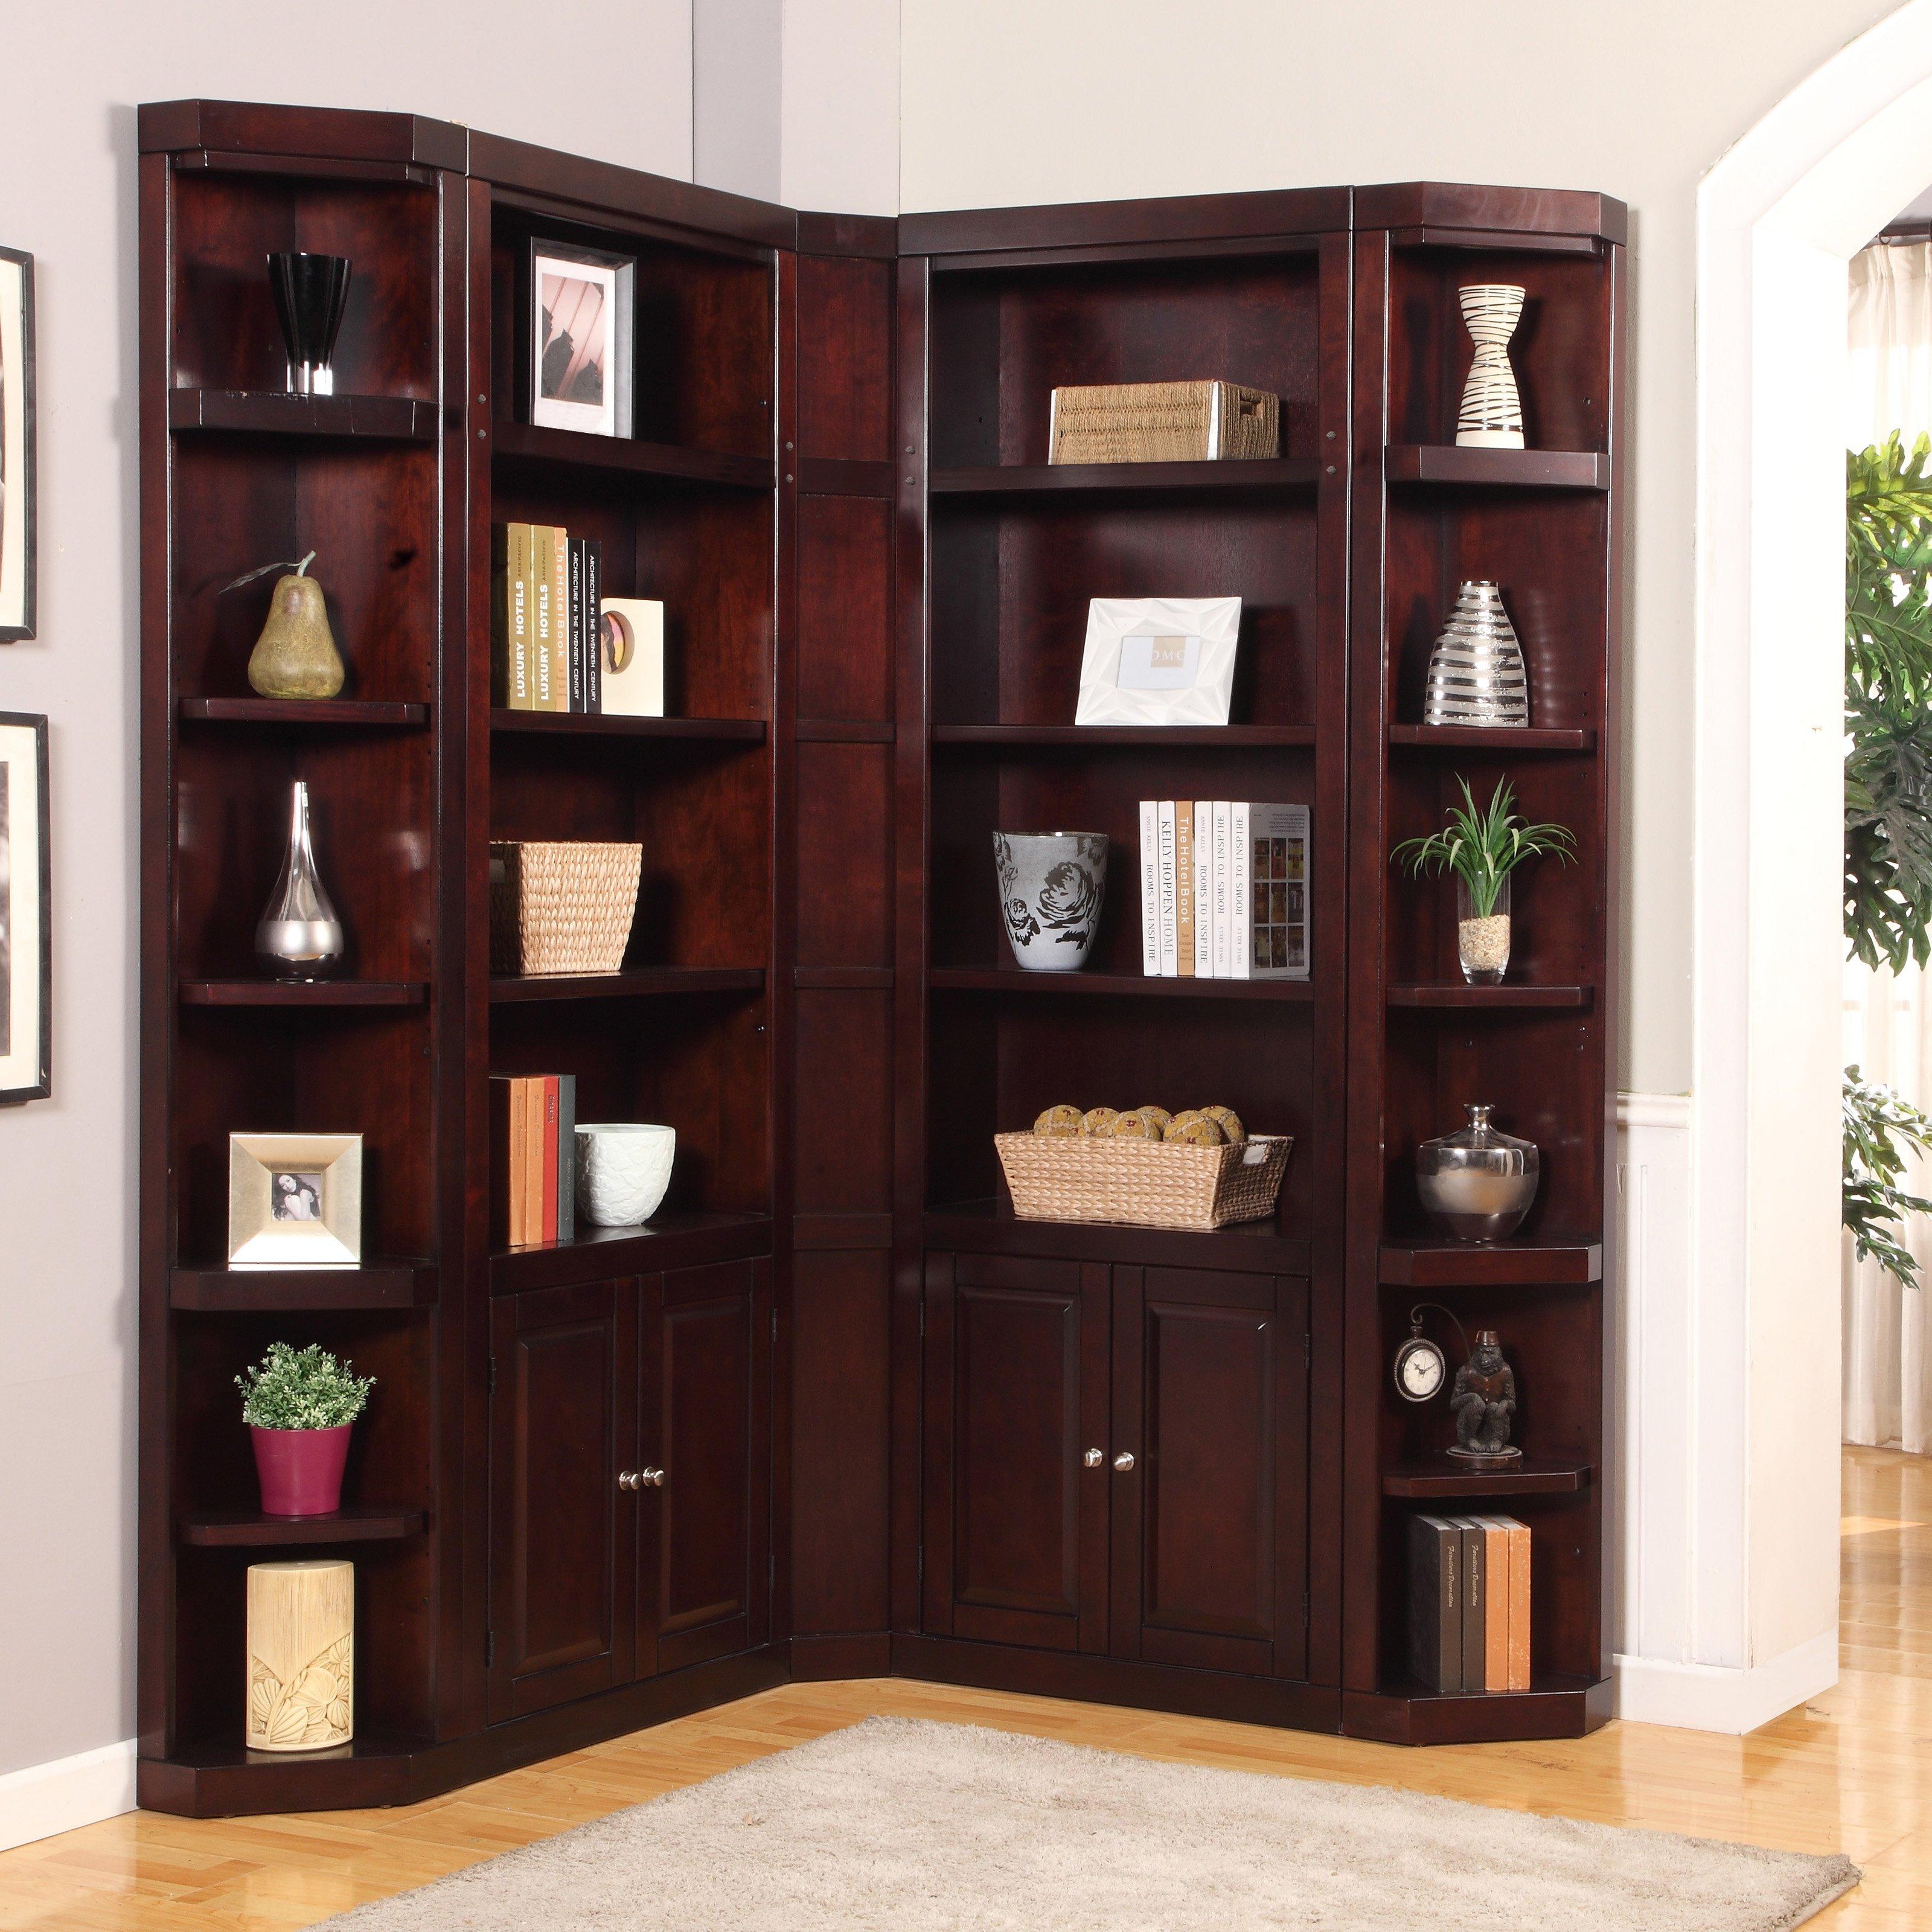 corner bookshelf parker house boston corner bookcase merlot hayneedle knpuhdc - Corner Bookshelves